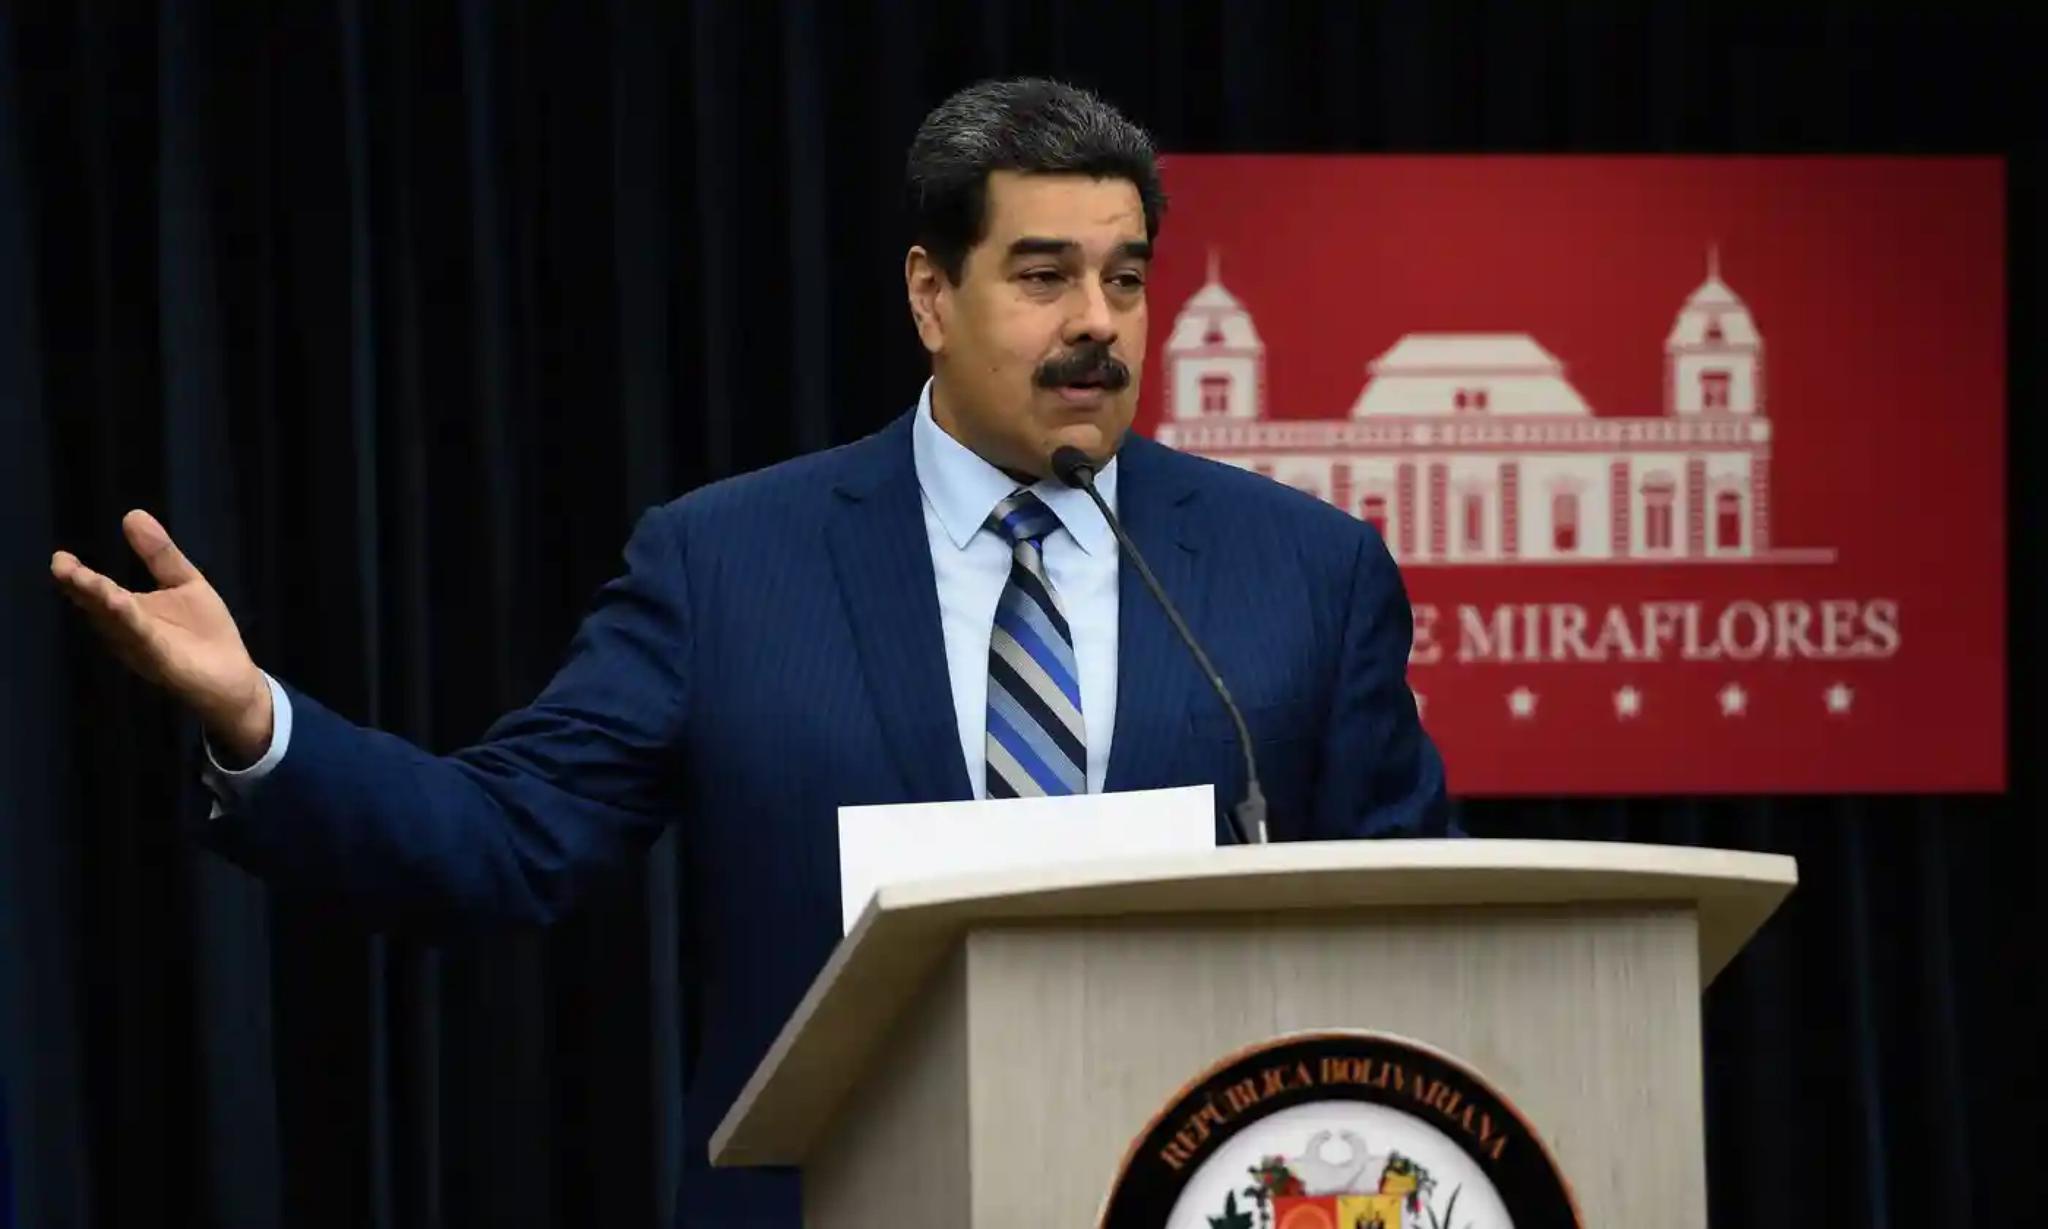 當地時間12日,馬杜羅在新聞發佈會上指責美國直接參與瞭試圖暗殺他的行動。圖源:法新社